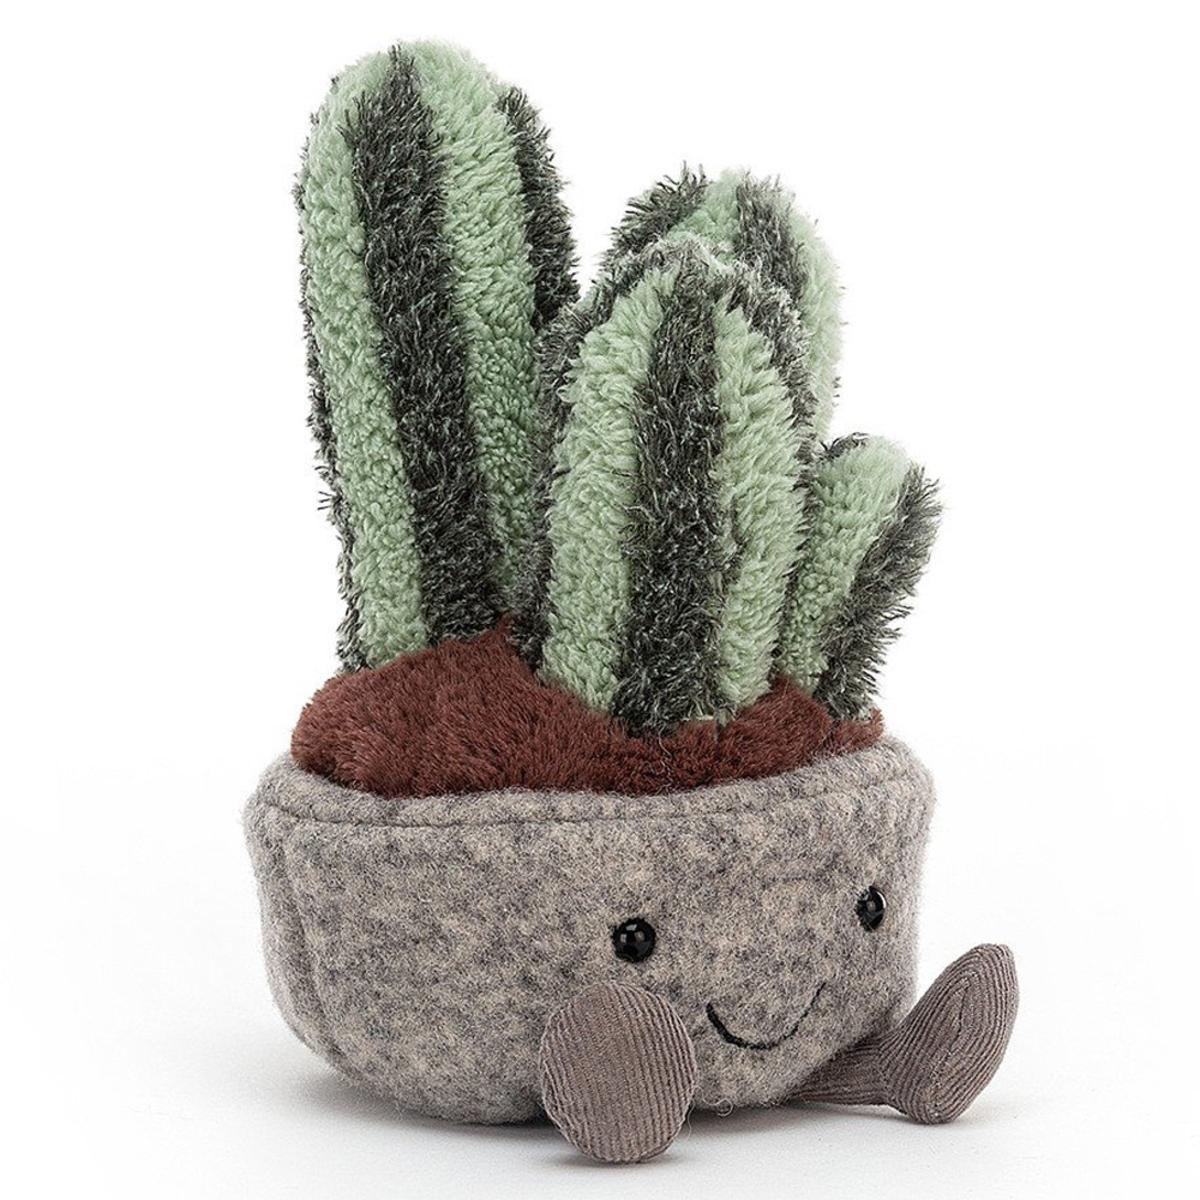 Peluche Silly Succulent Columnar Cactus Peluche Cactus 15 cm